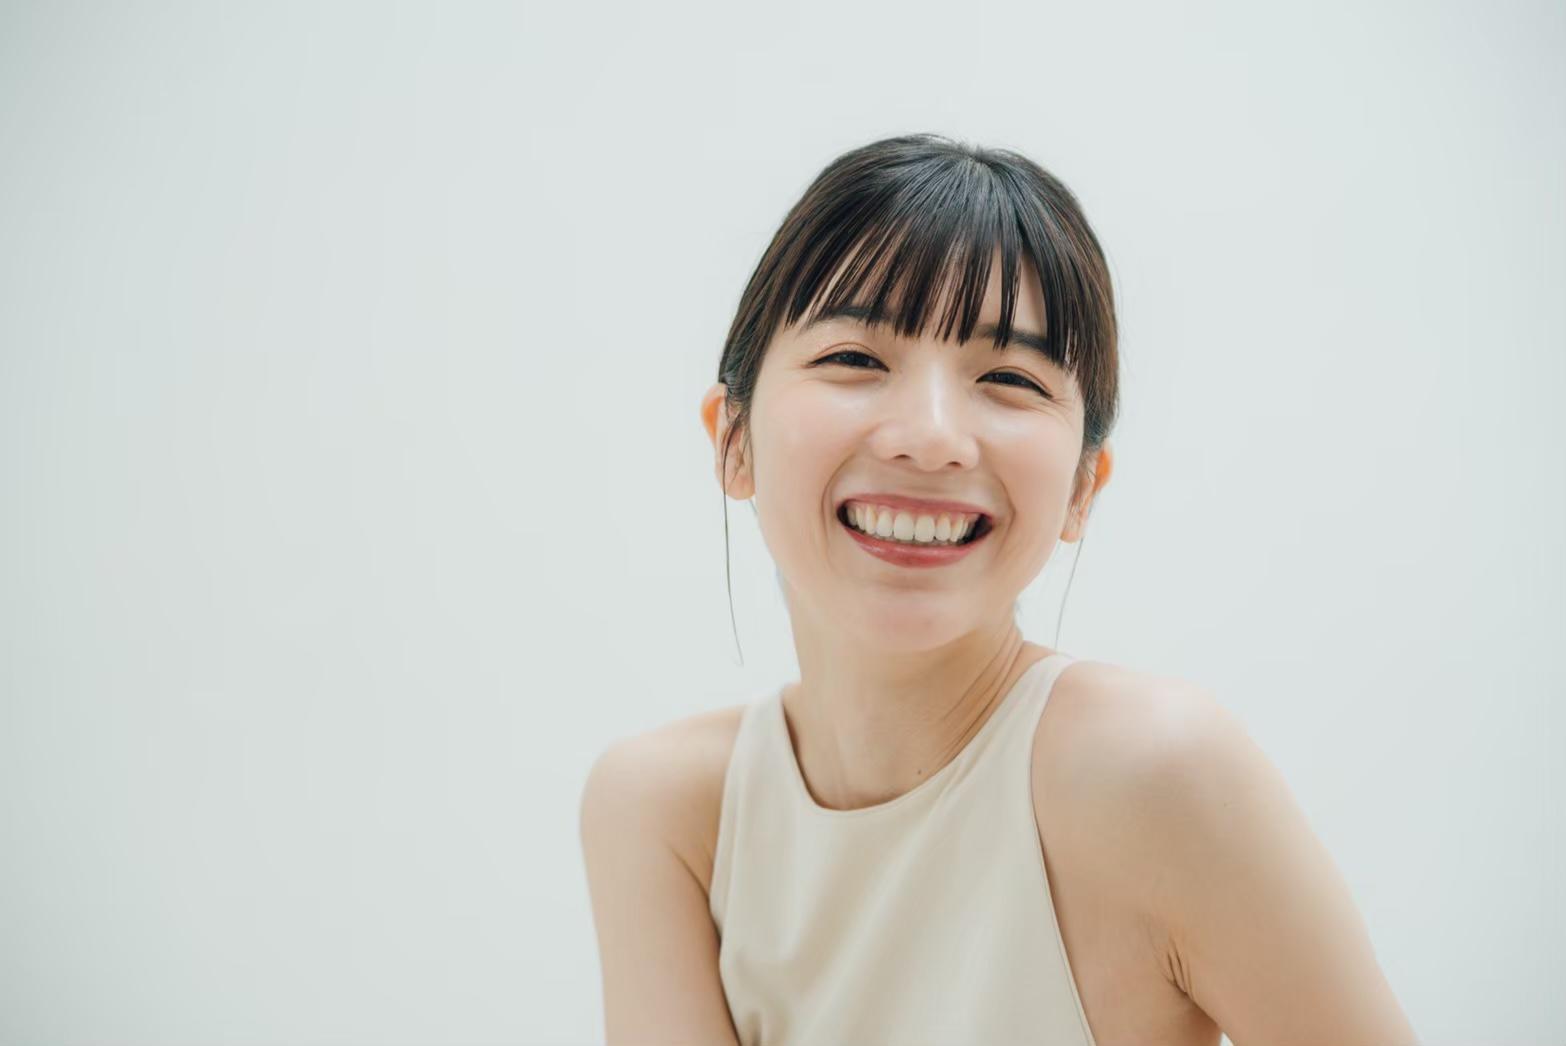 かおりと2人きりのオンラインイベント【6月12日(土) 】